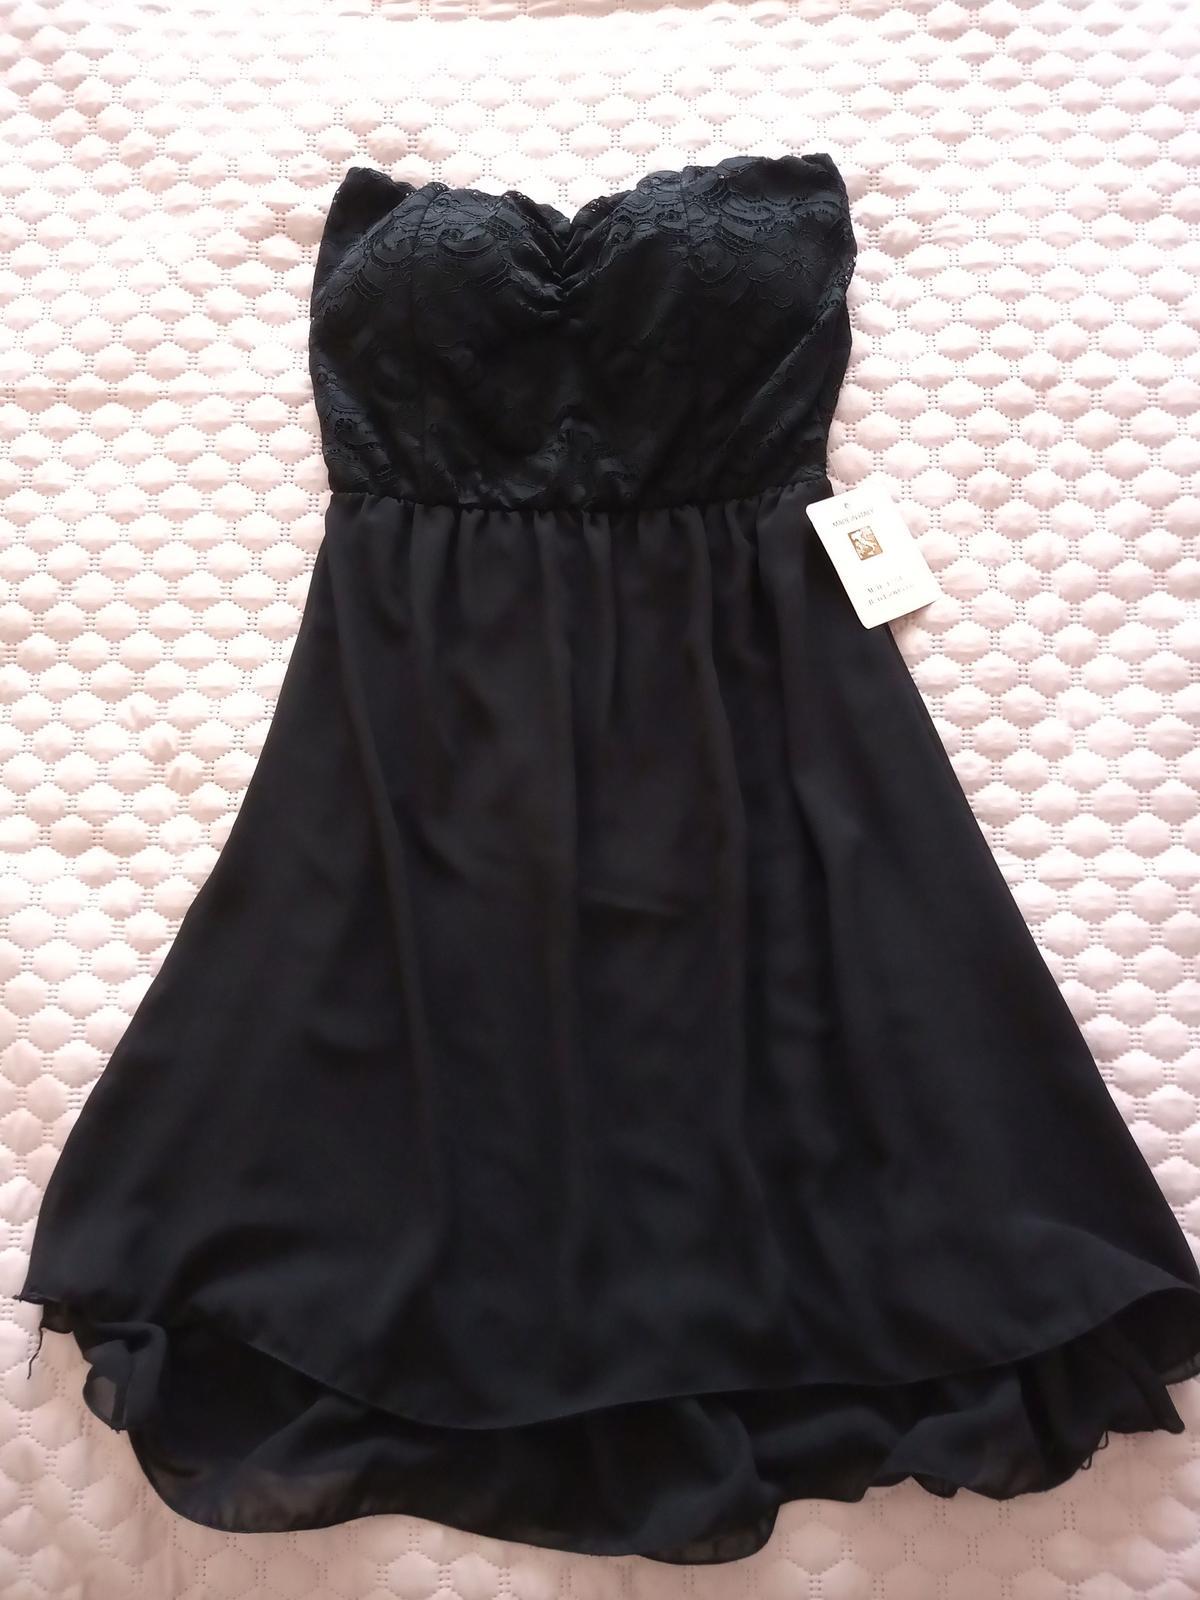 Čierne šaty nové veľ. S - Obrázok č. 2